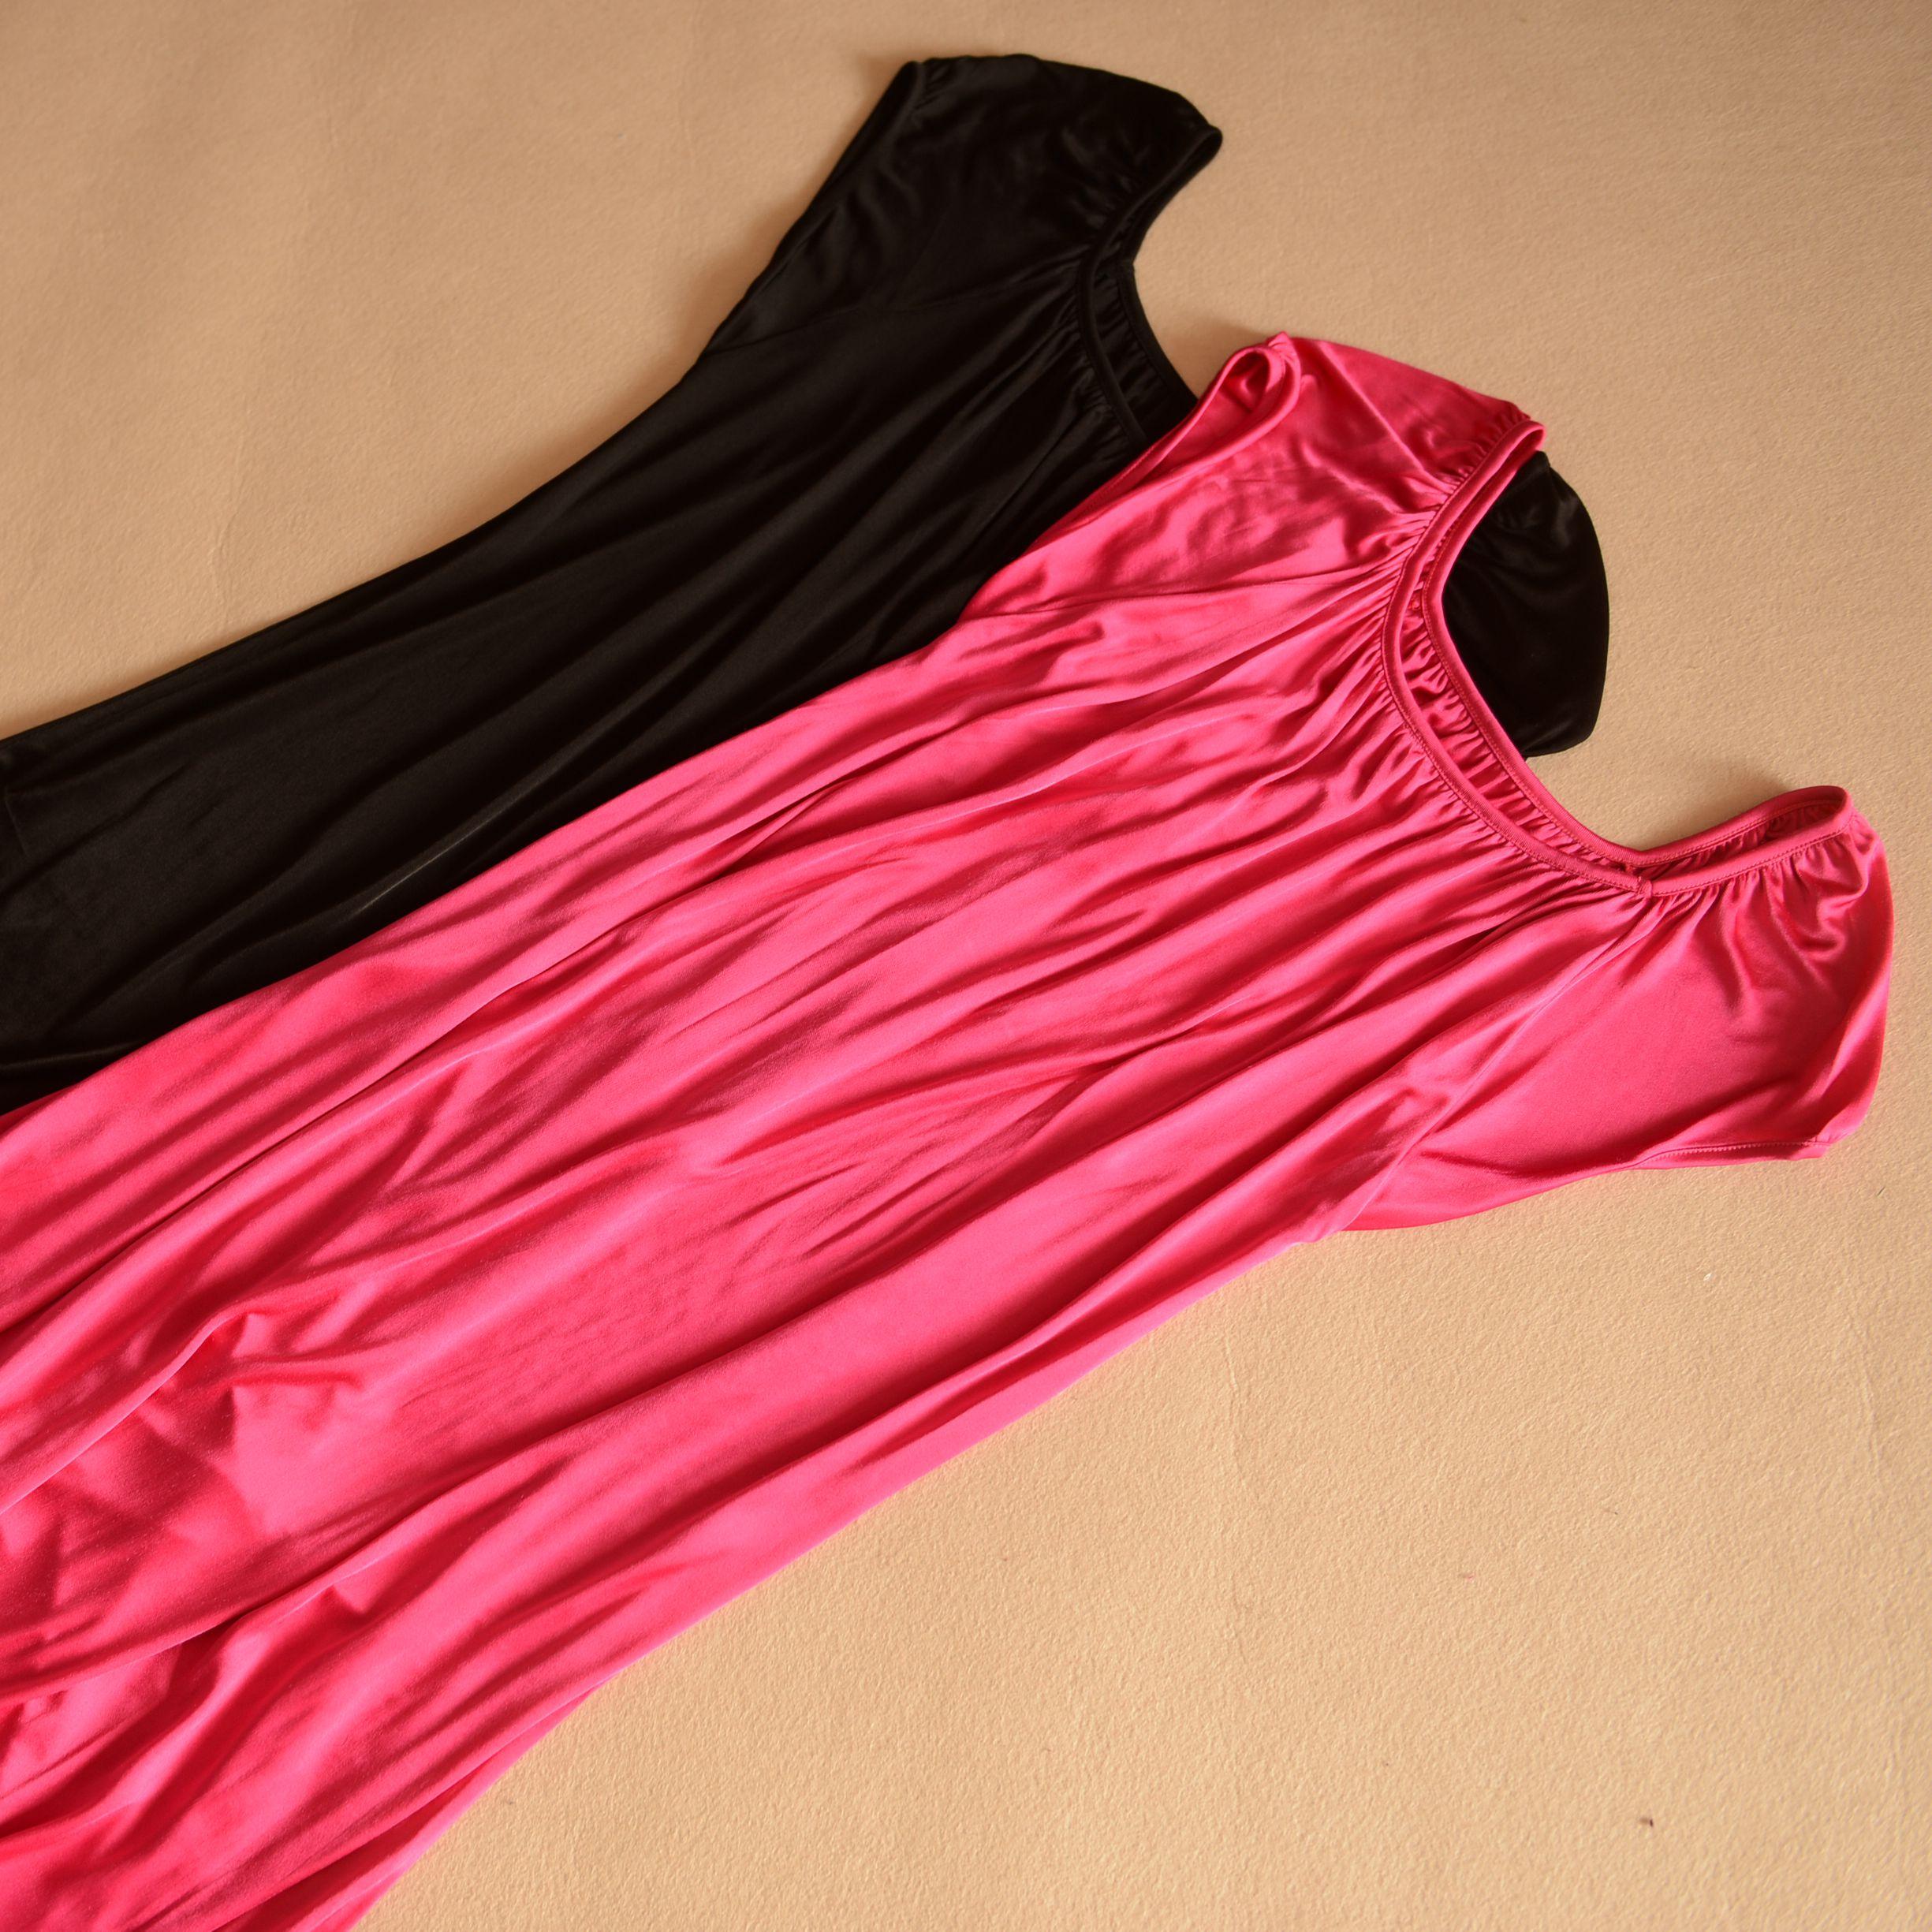 重磅v重磅孕妇桑蚕丝针织吊带家居睡裙真丝可穿胖MM大码宽松连衣裙